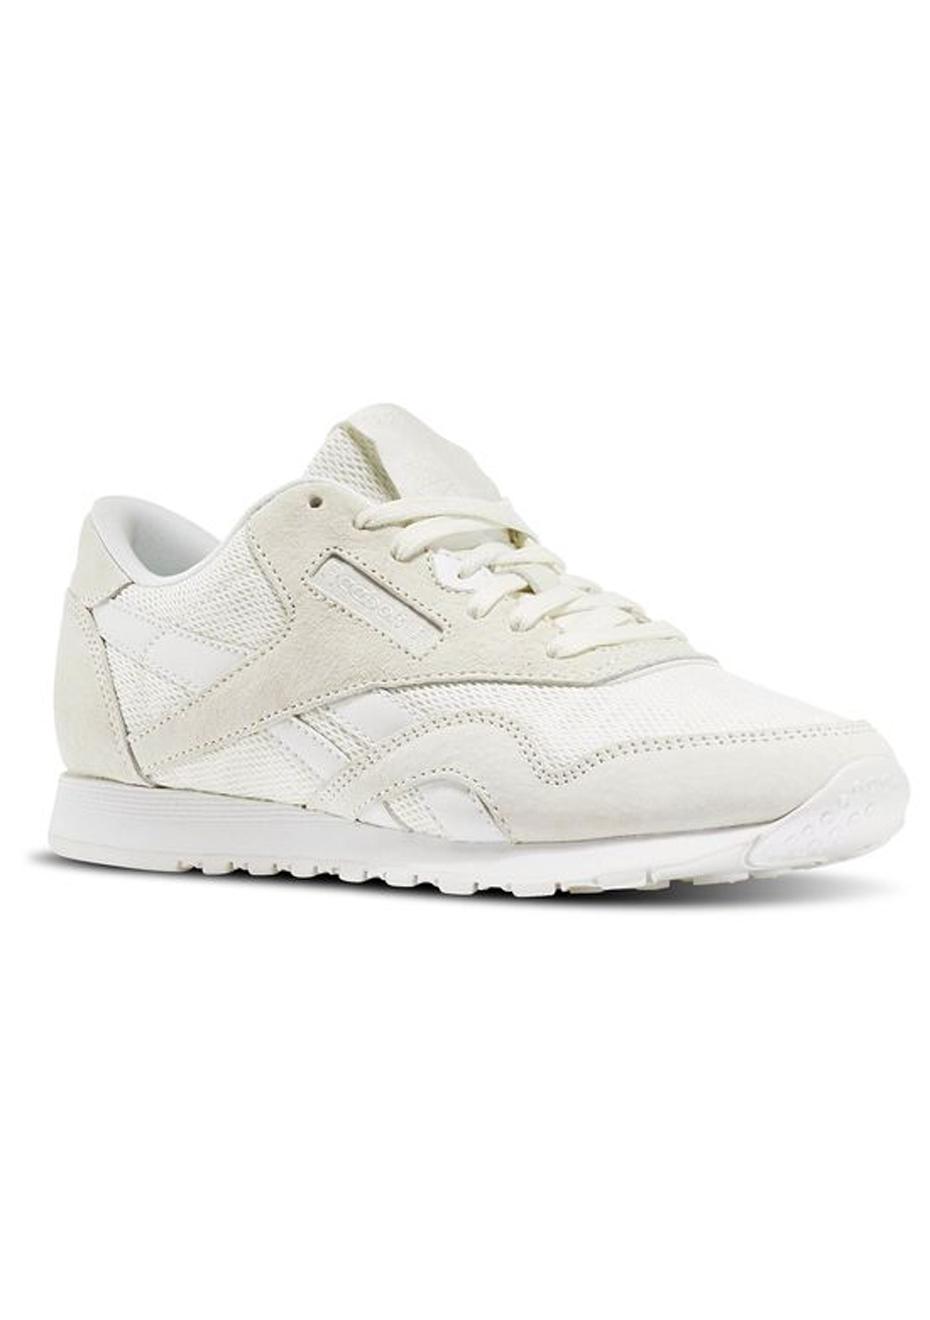 Footwear Reebok Womens Cl Nylon Fitness Shoes Fitness Footwear